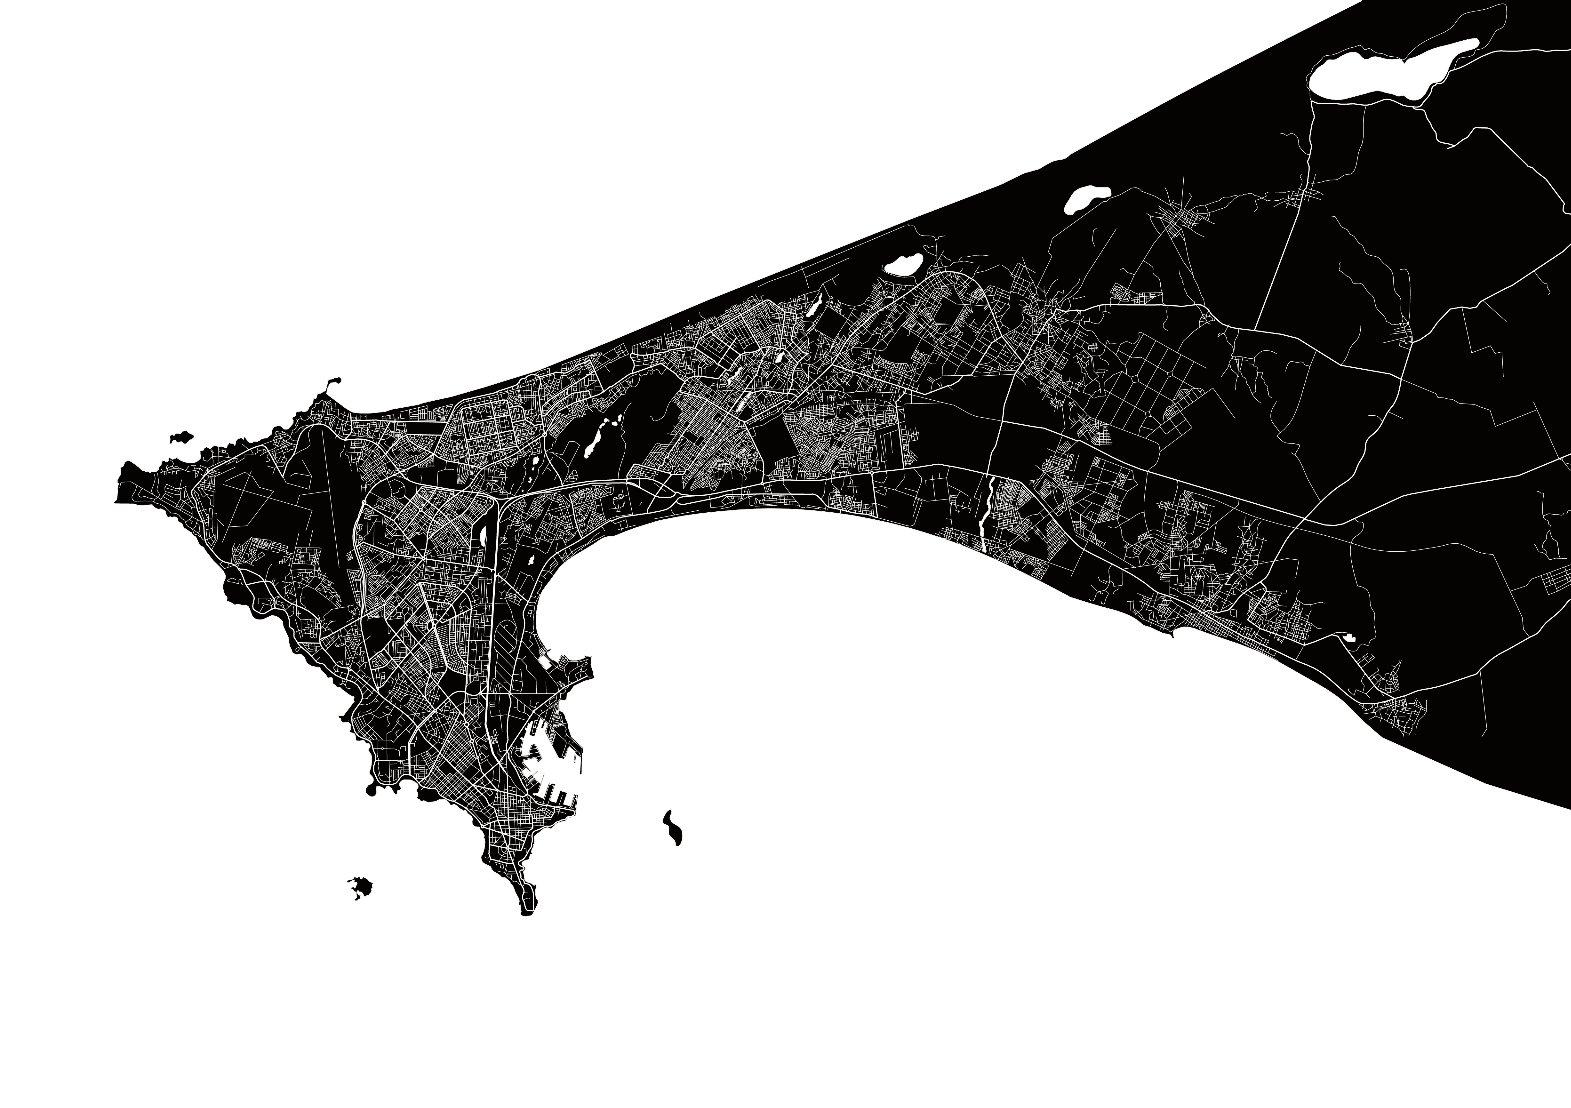 Dakar un chantier en suspens s n gal urbanplanet info for Plan de dakar